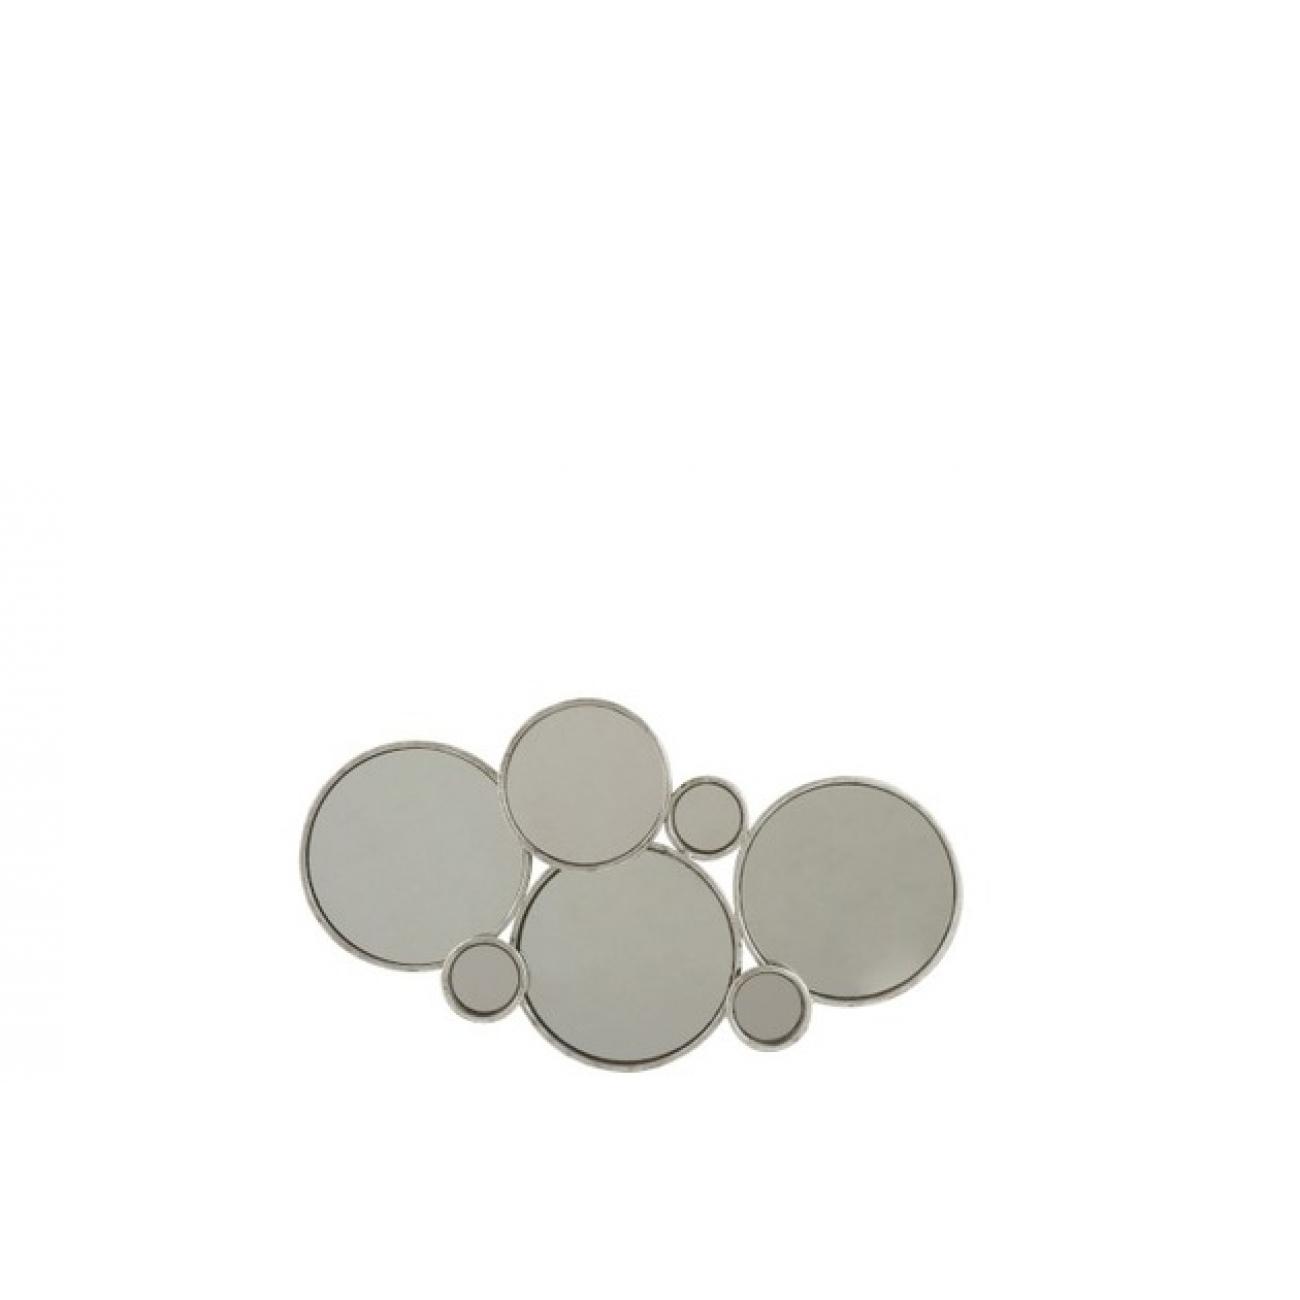 Зеркало J-LINE настенное фигурное в виде шести кругов в серебристой металлической раме Бельгия